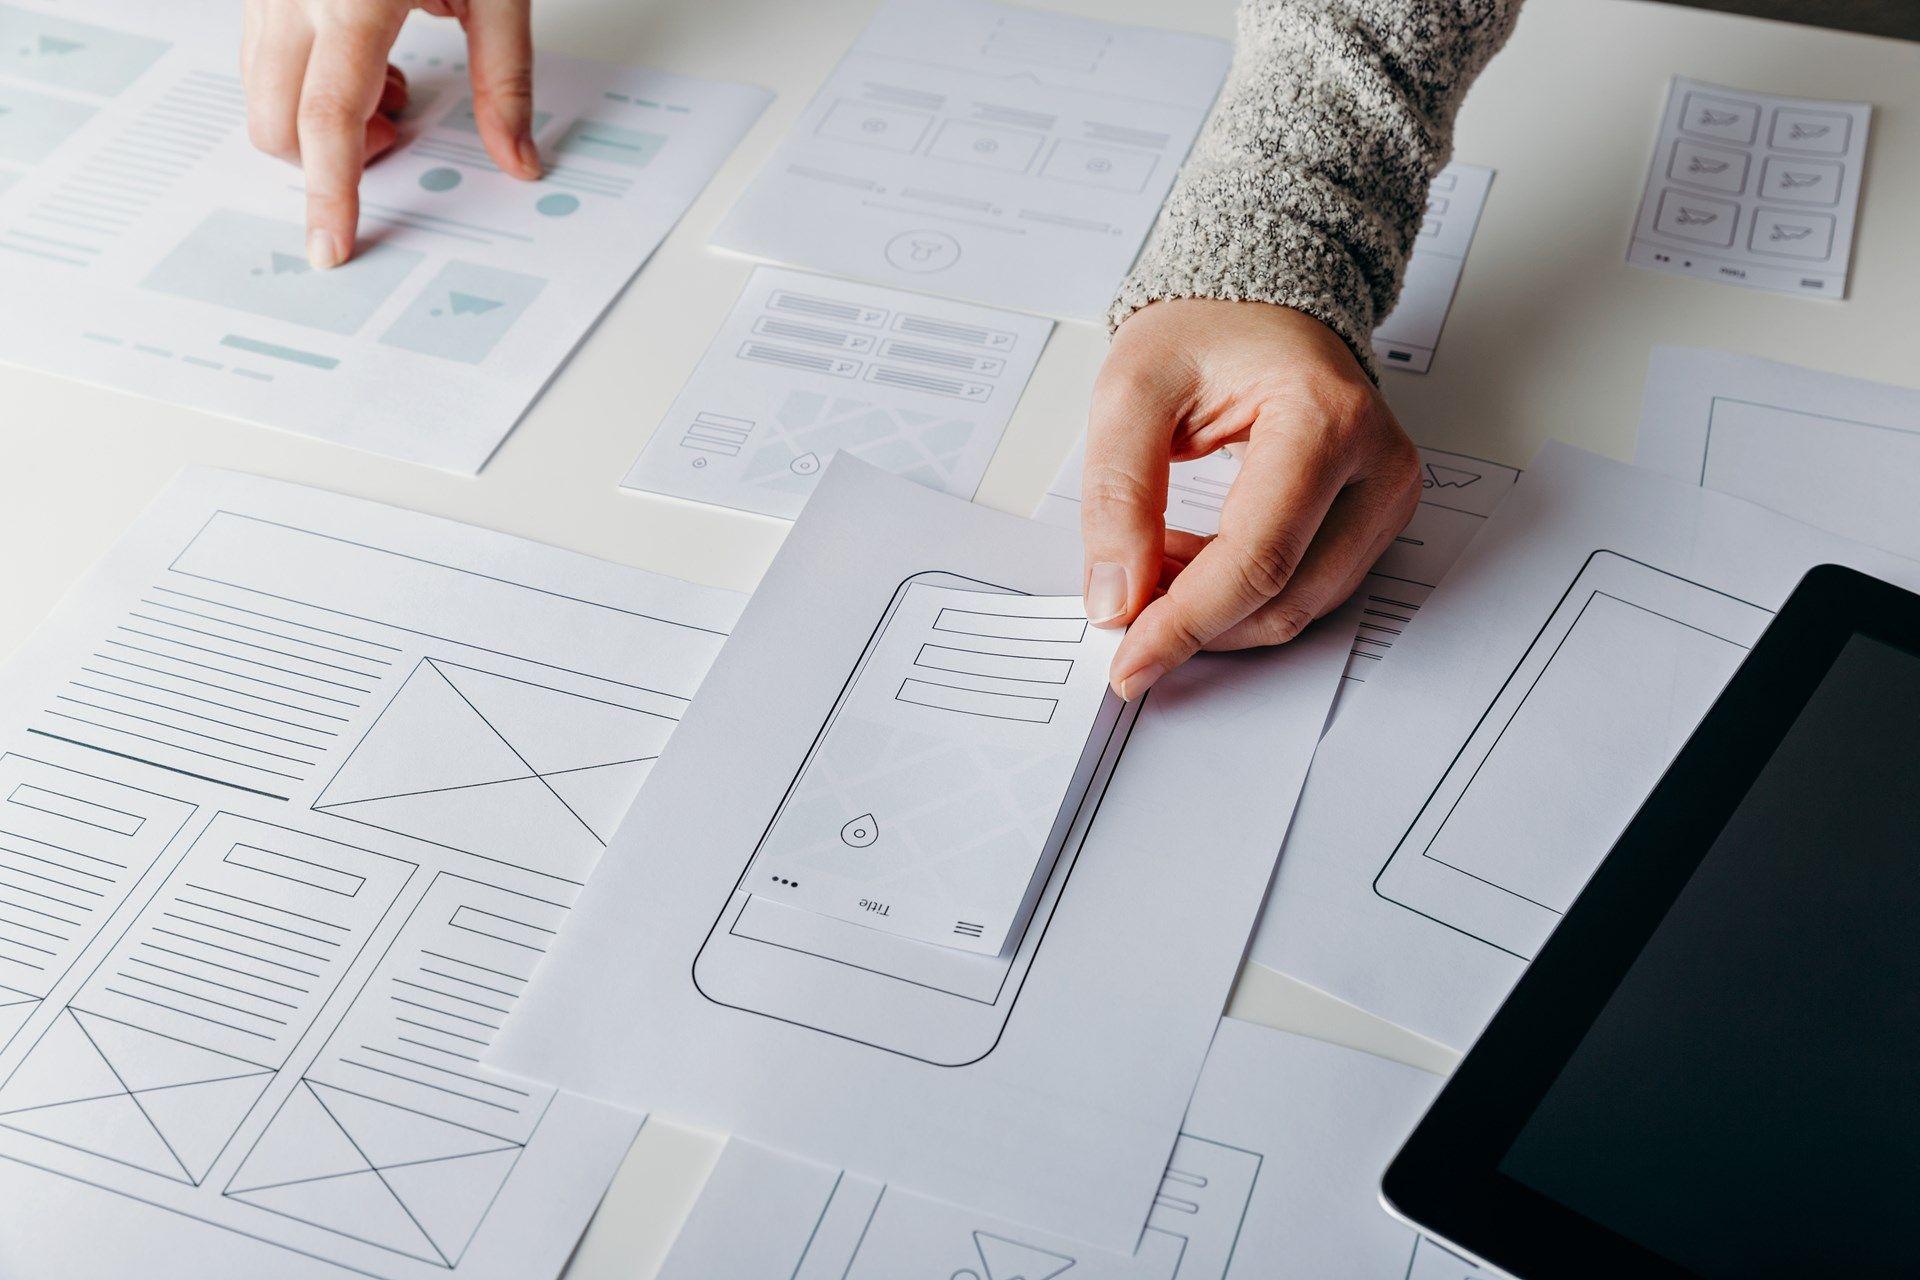 Diseño y rediseño de páginas web en Sitges